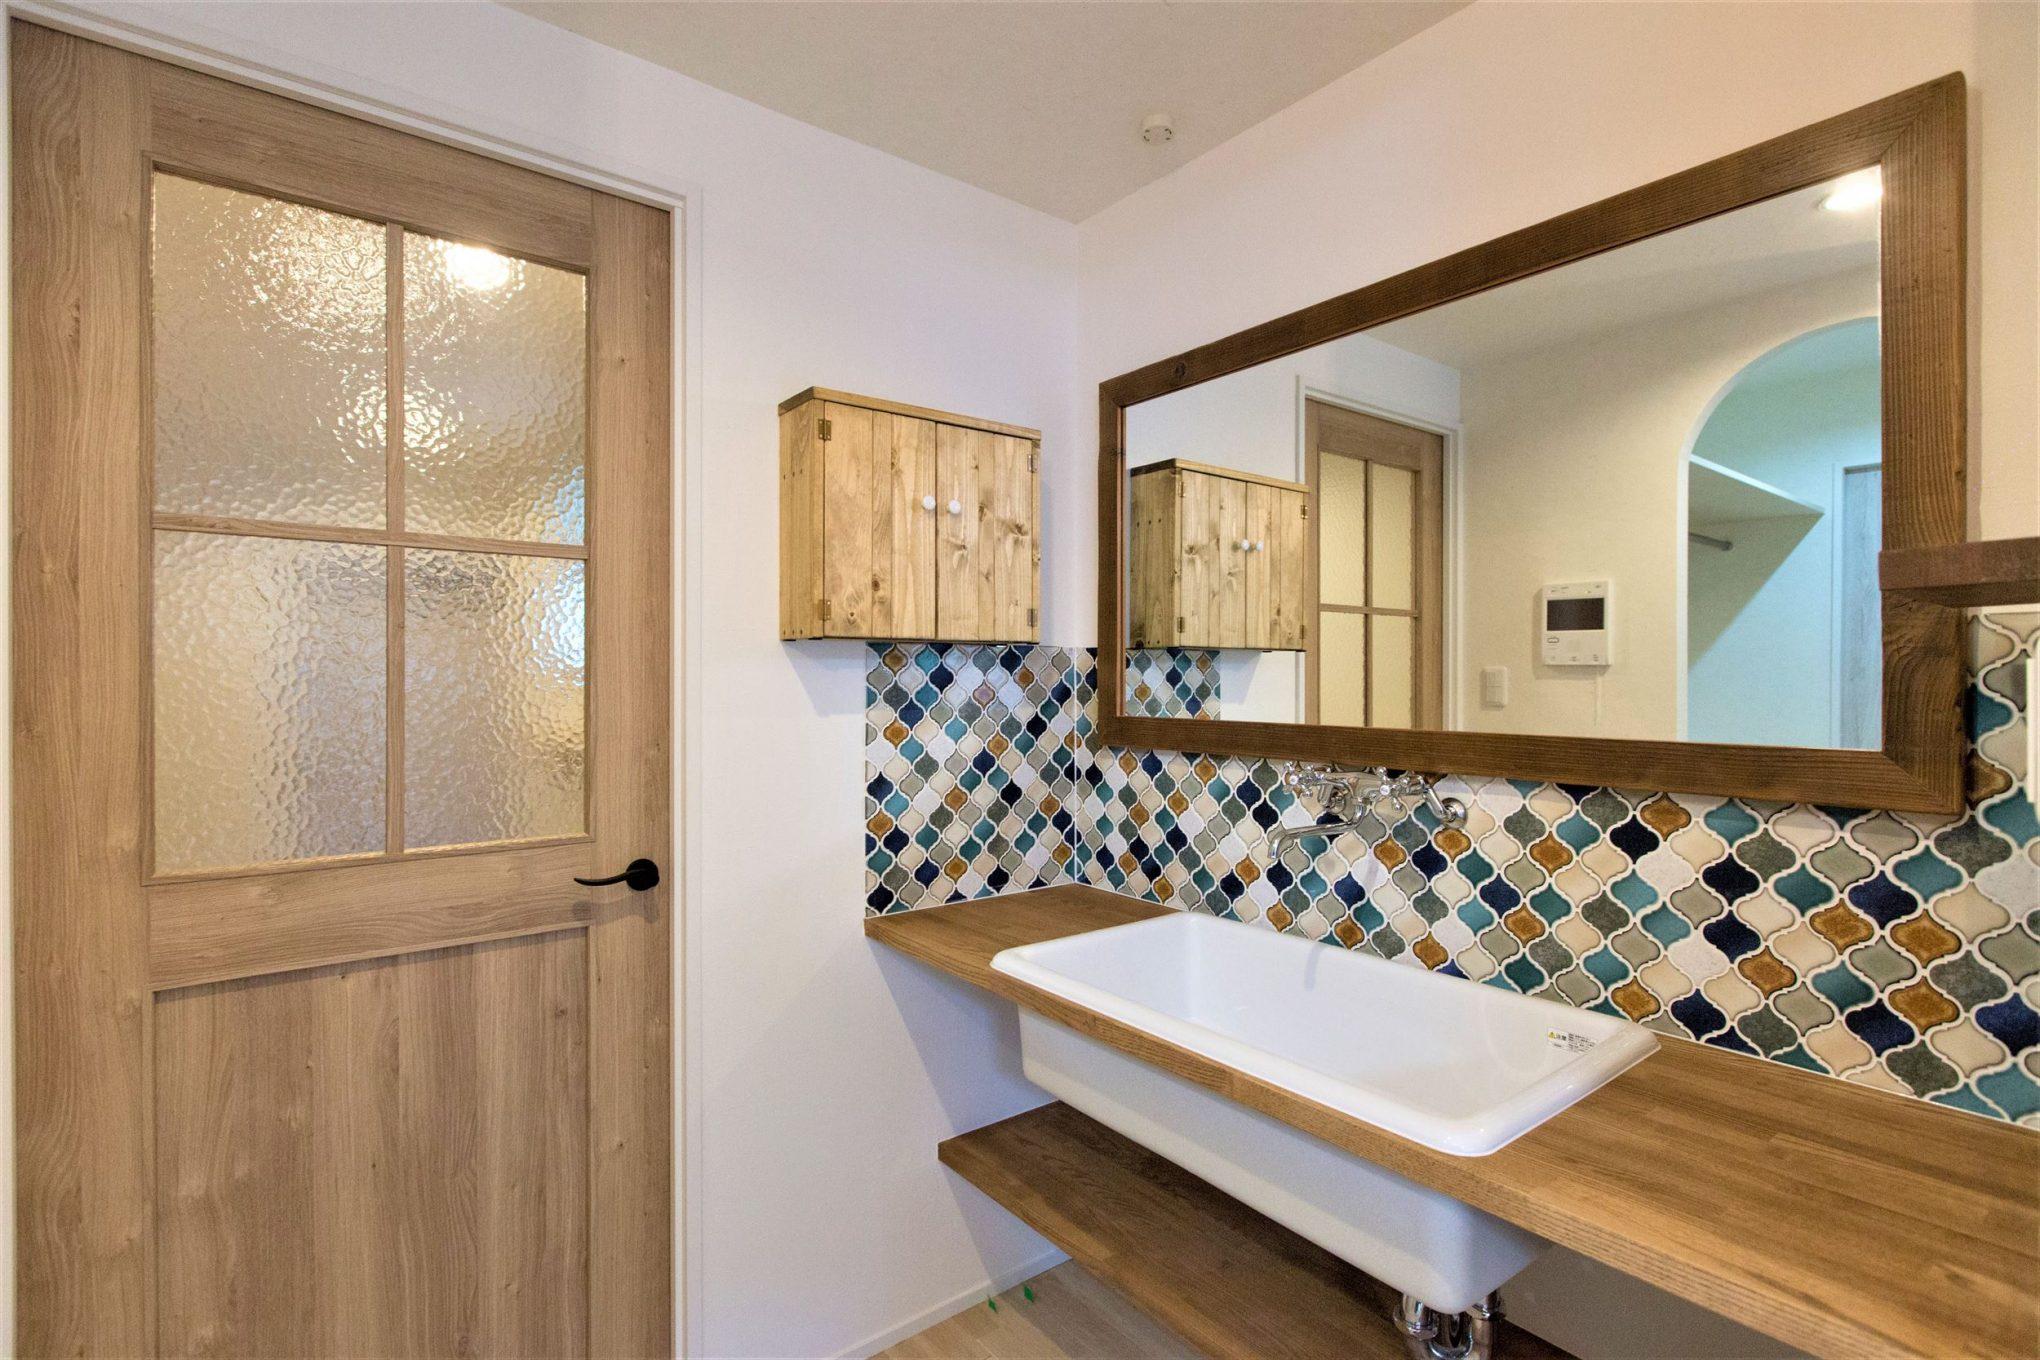 造作洗面室は、木のグラデーションで暖かみとおしゃれ感抜群